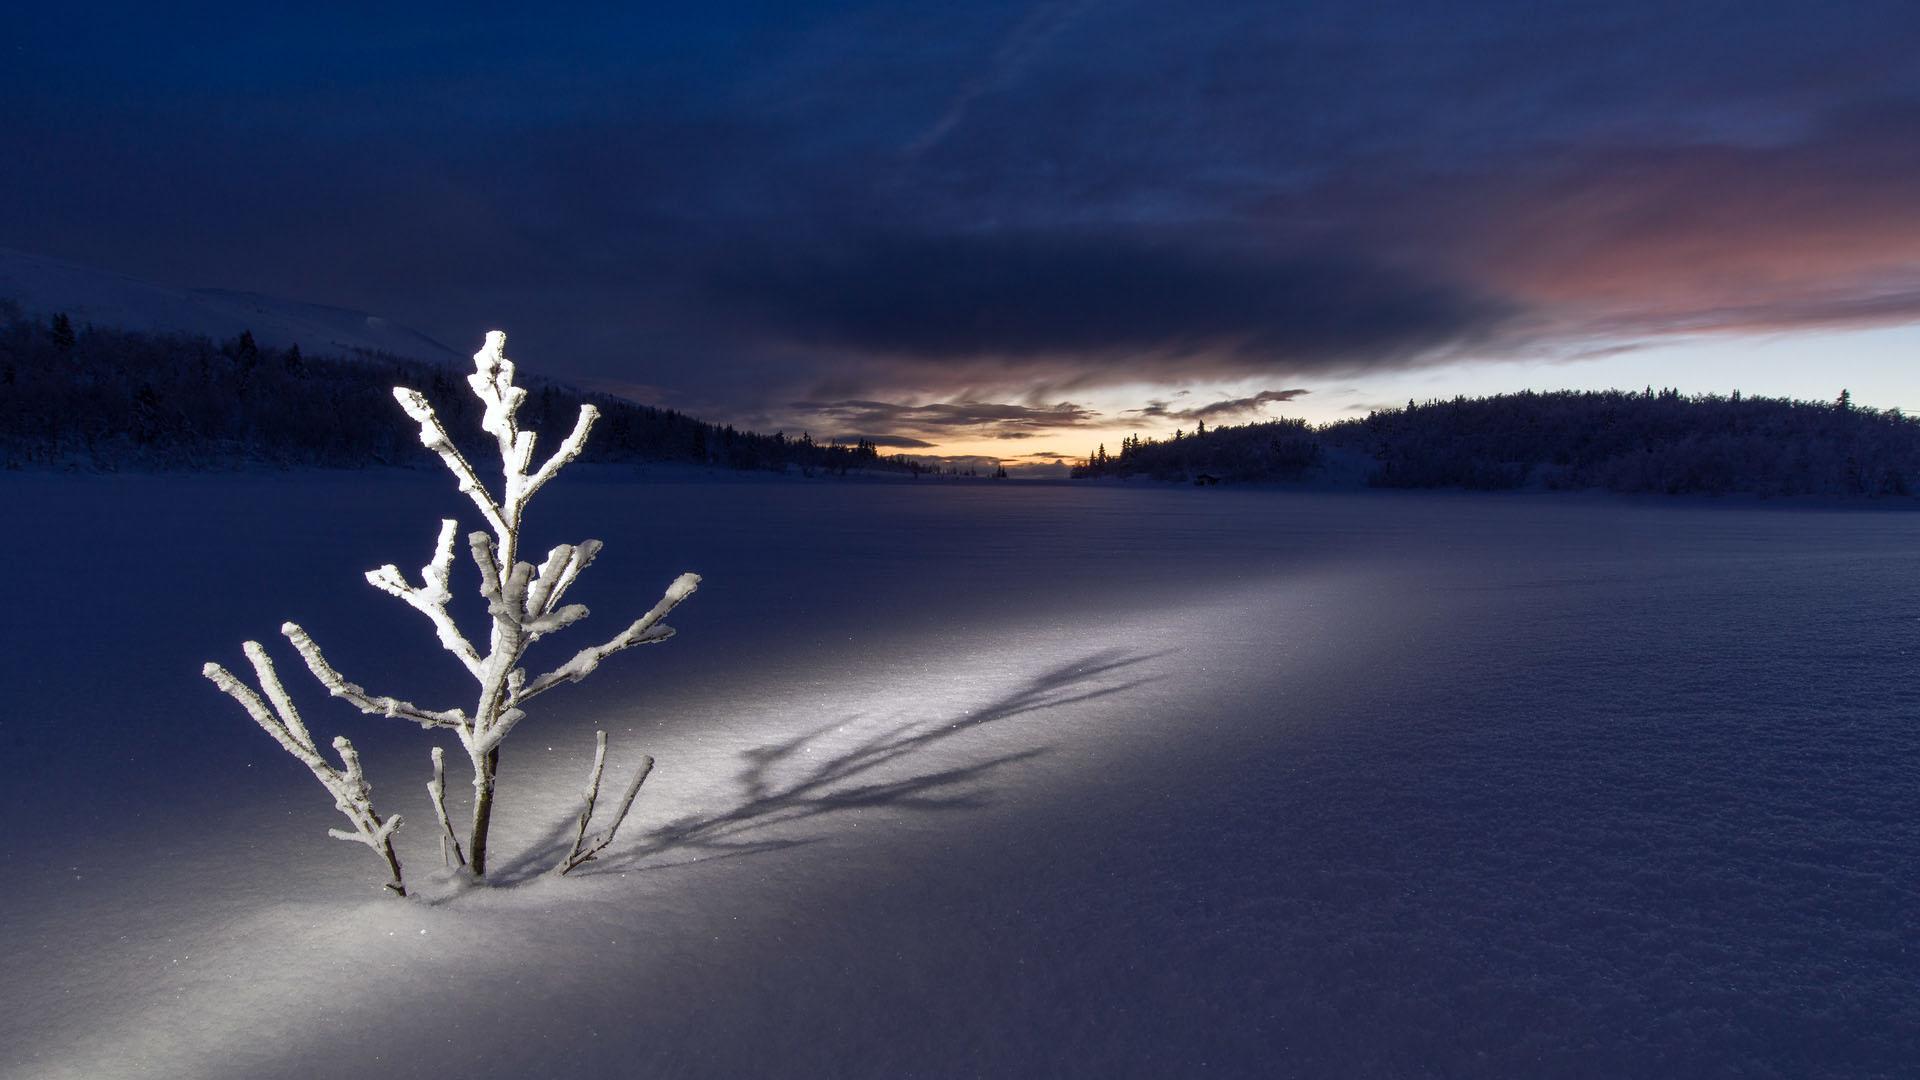 Hình nền mùa đông đẹp nhất cho pc